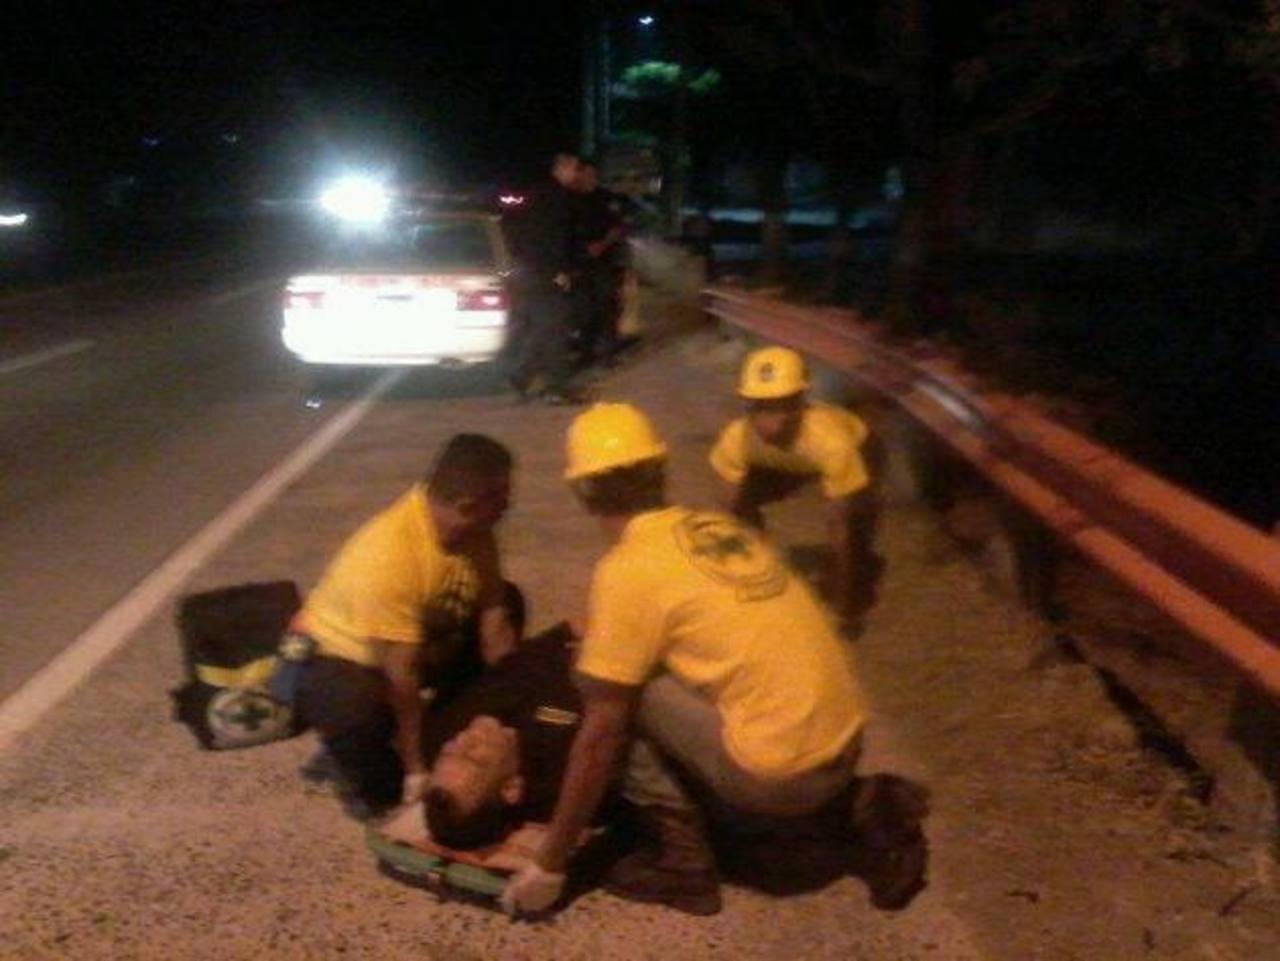 Comandos de Salvamento auxilia a uno de los dos agentes heridos durante un ataque de supuestos pandilleros en el kilómetro 22 carretera a Comalapa. Foto EDH / Comandos Salvamentos.